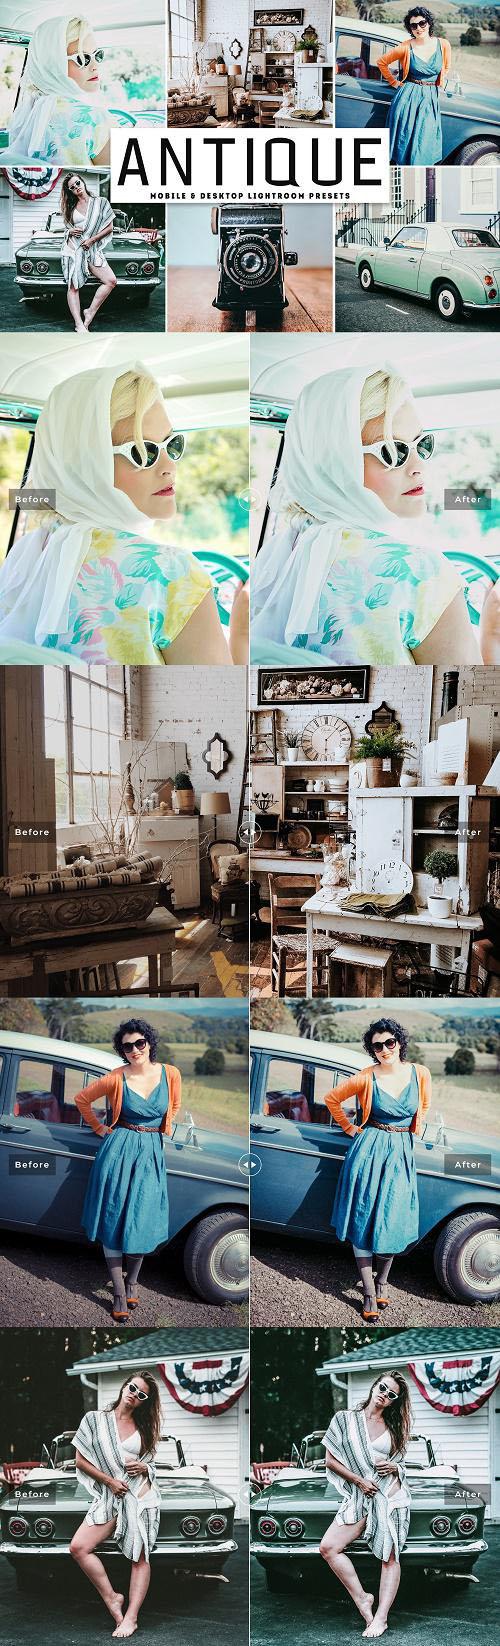 Antique Lightroom Presets Pack - 4092123